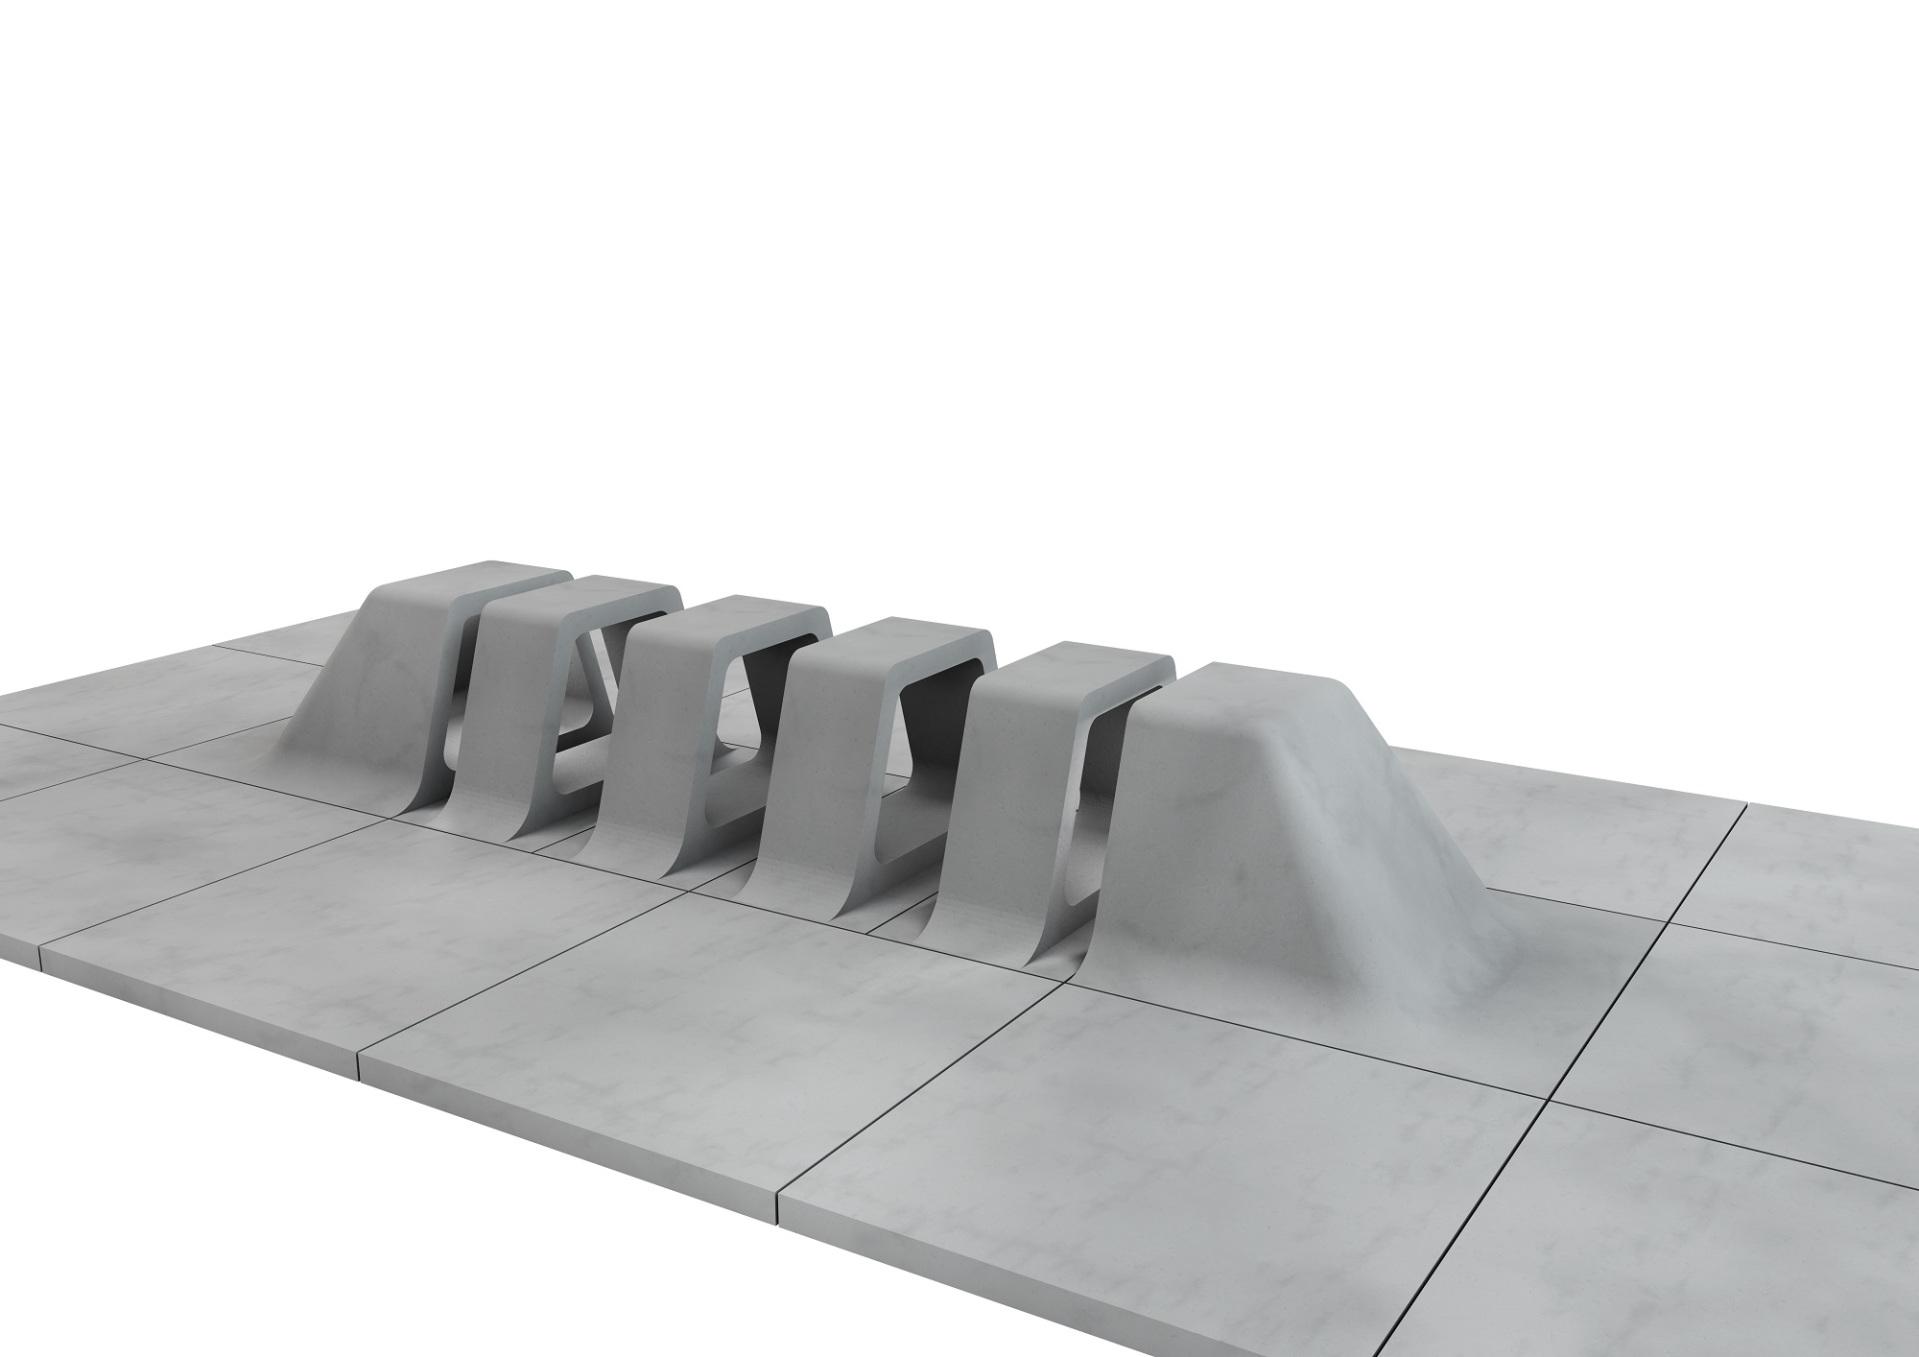 Městský mobiliář a dlažba slide 3